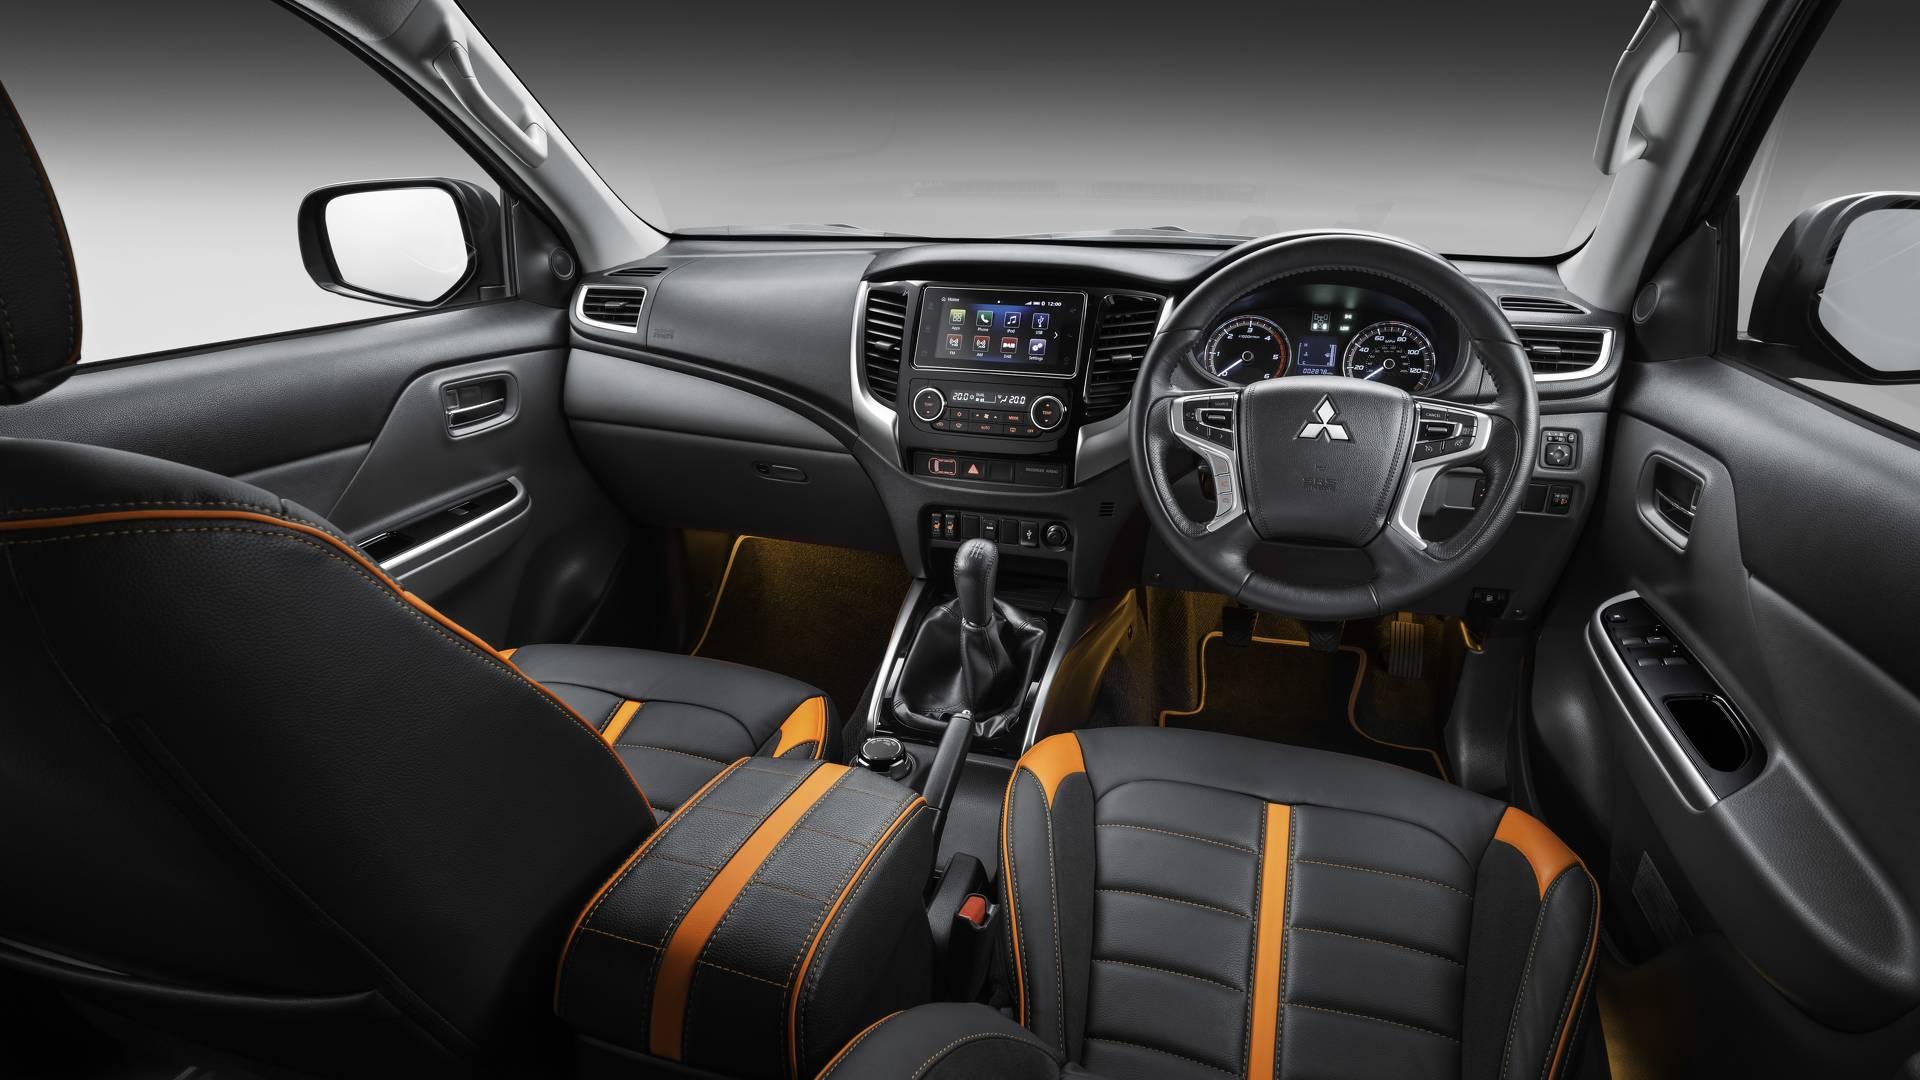 Mitsubishi Car Seat Covers Australia